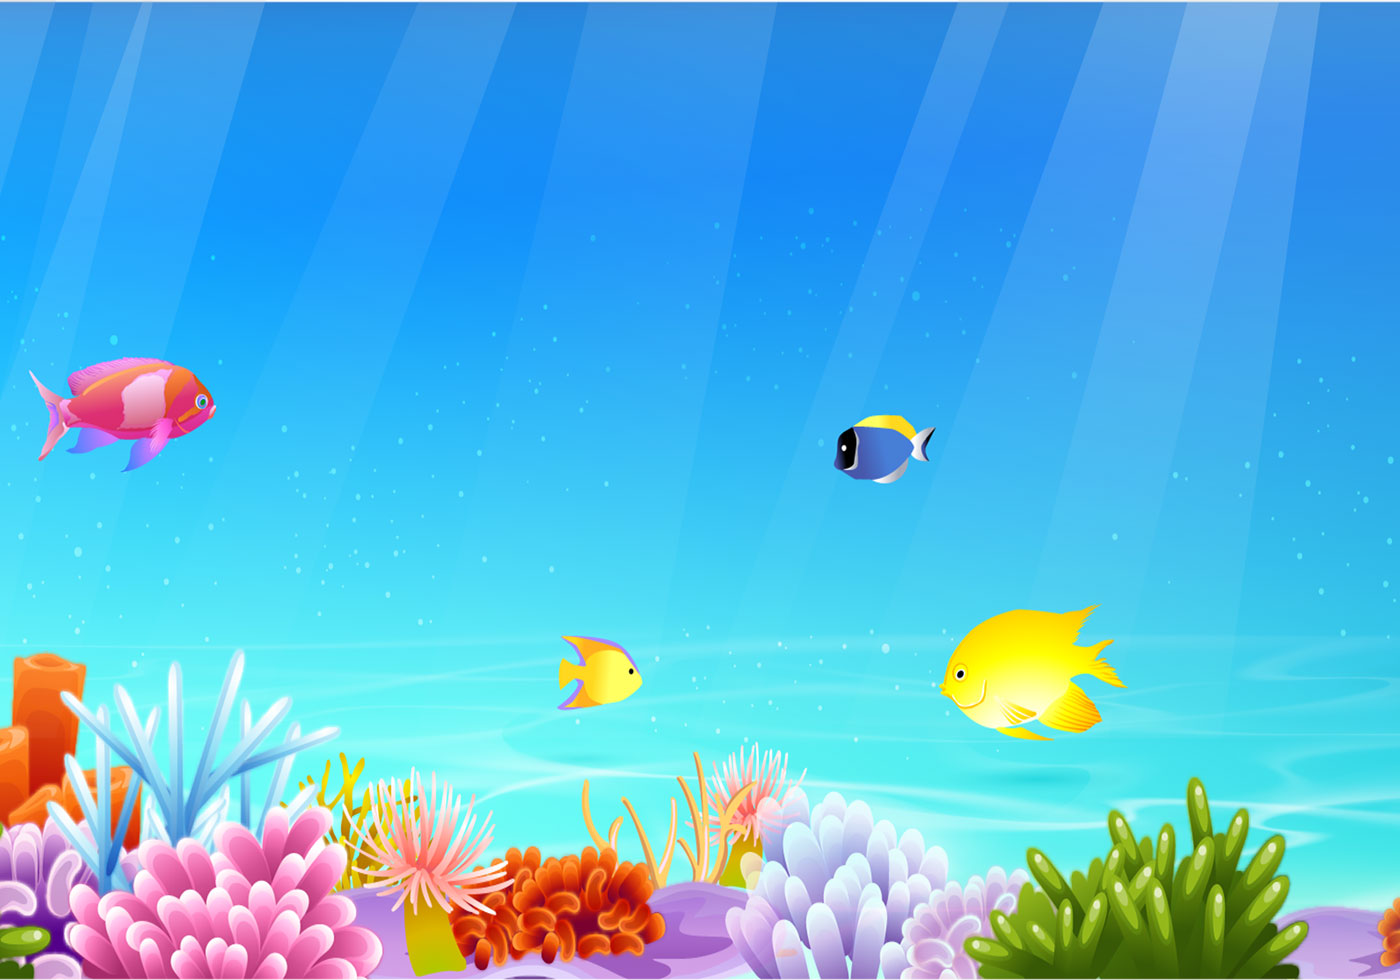 250+ Free Photoshop Fish Brushes   FreeCreatives